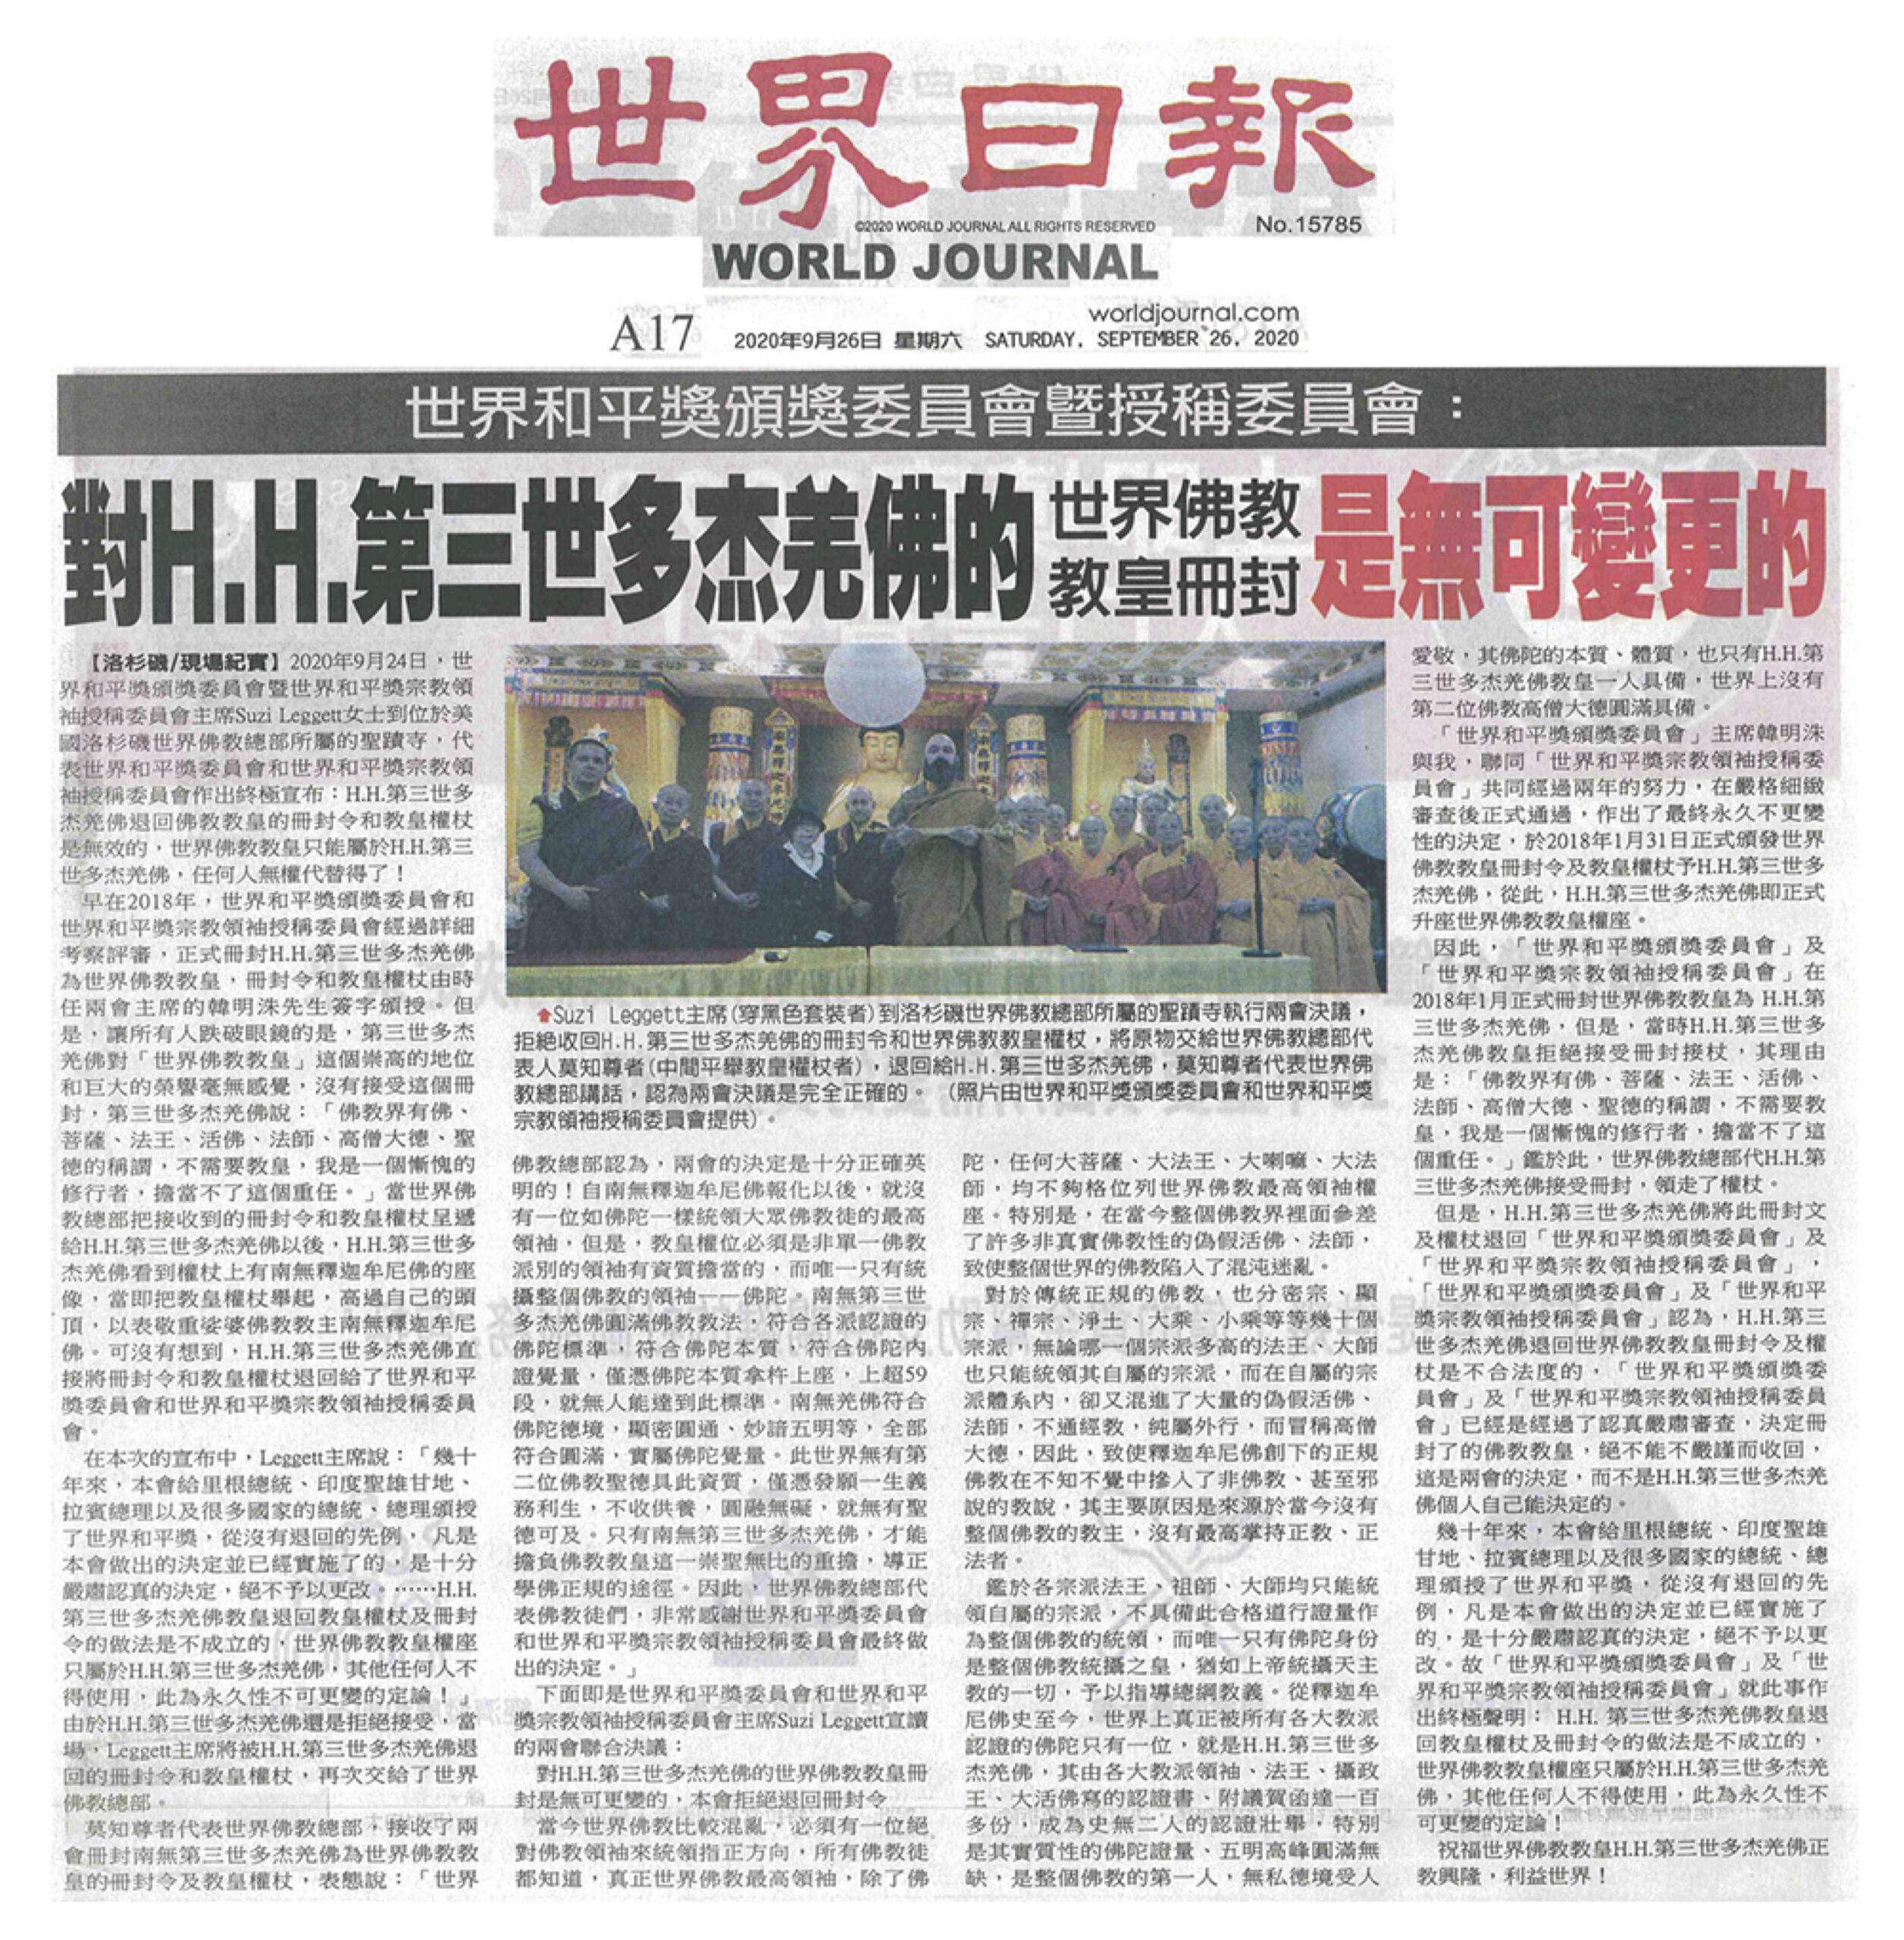 世界日報-World-Journal-世界和平獎頒獎委員會暨授稱委員會-對H.H.第三世多杰羌佛的世界佛教教皇冊封是無可變更的